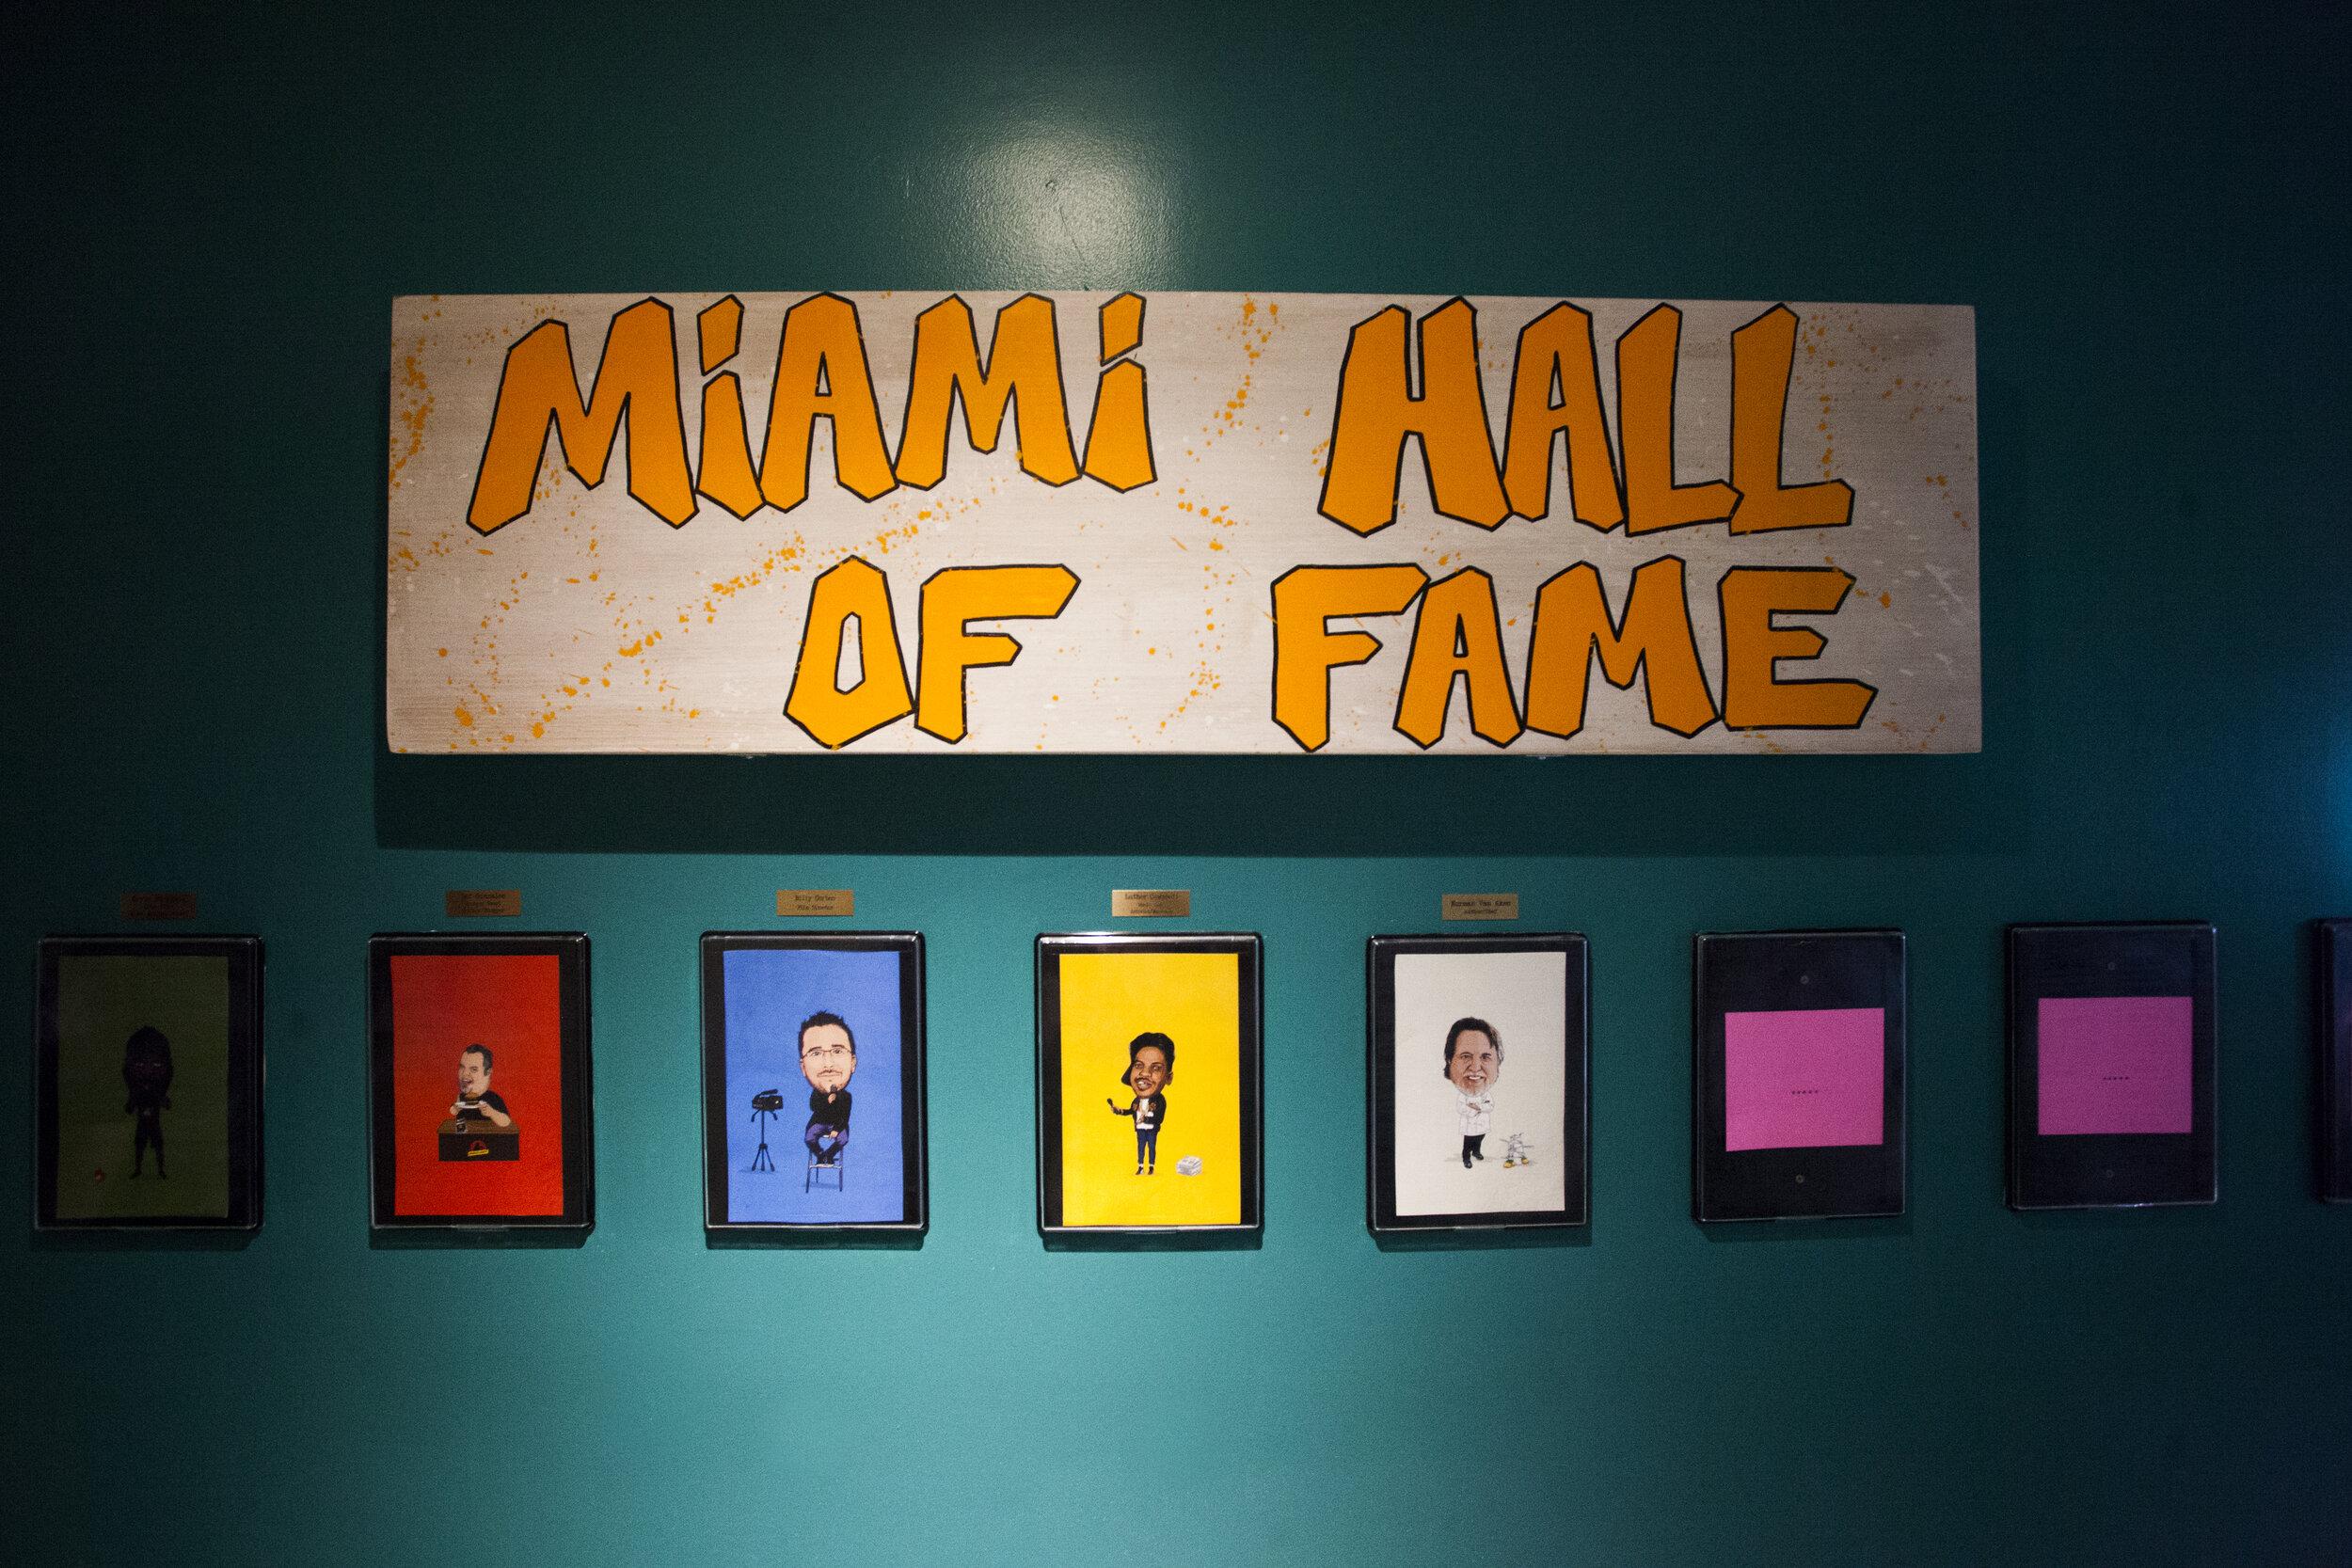 Miami Wall of Fame at Kush Coconut Grove in Miami, Fl